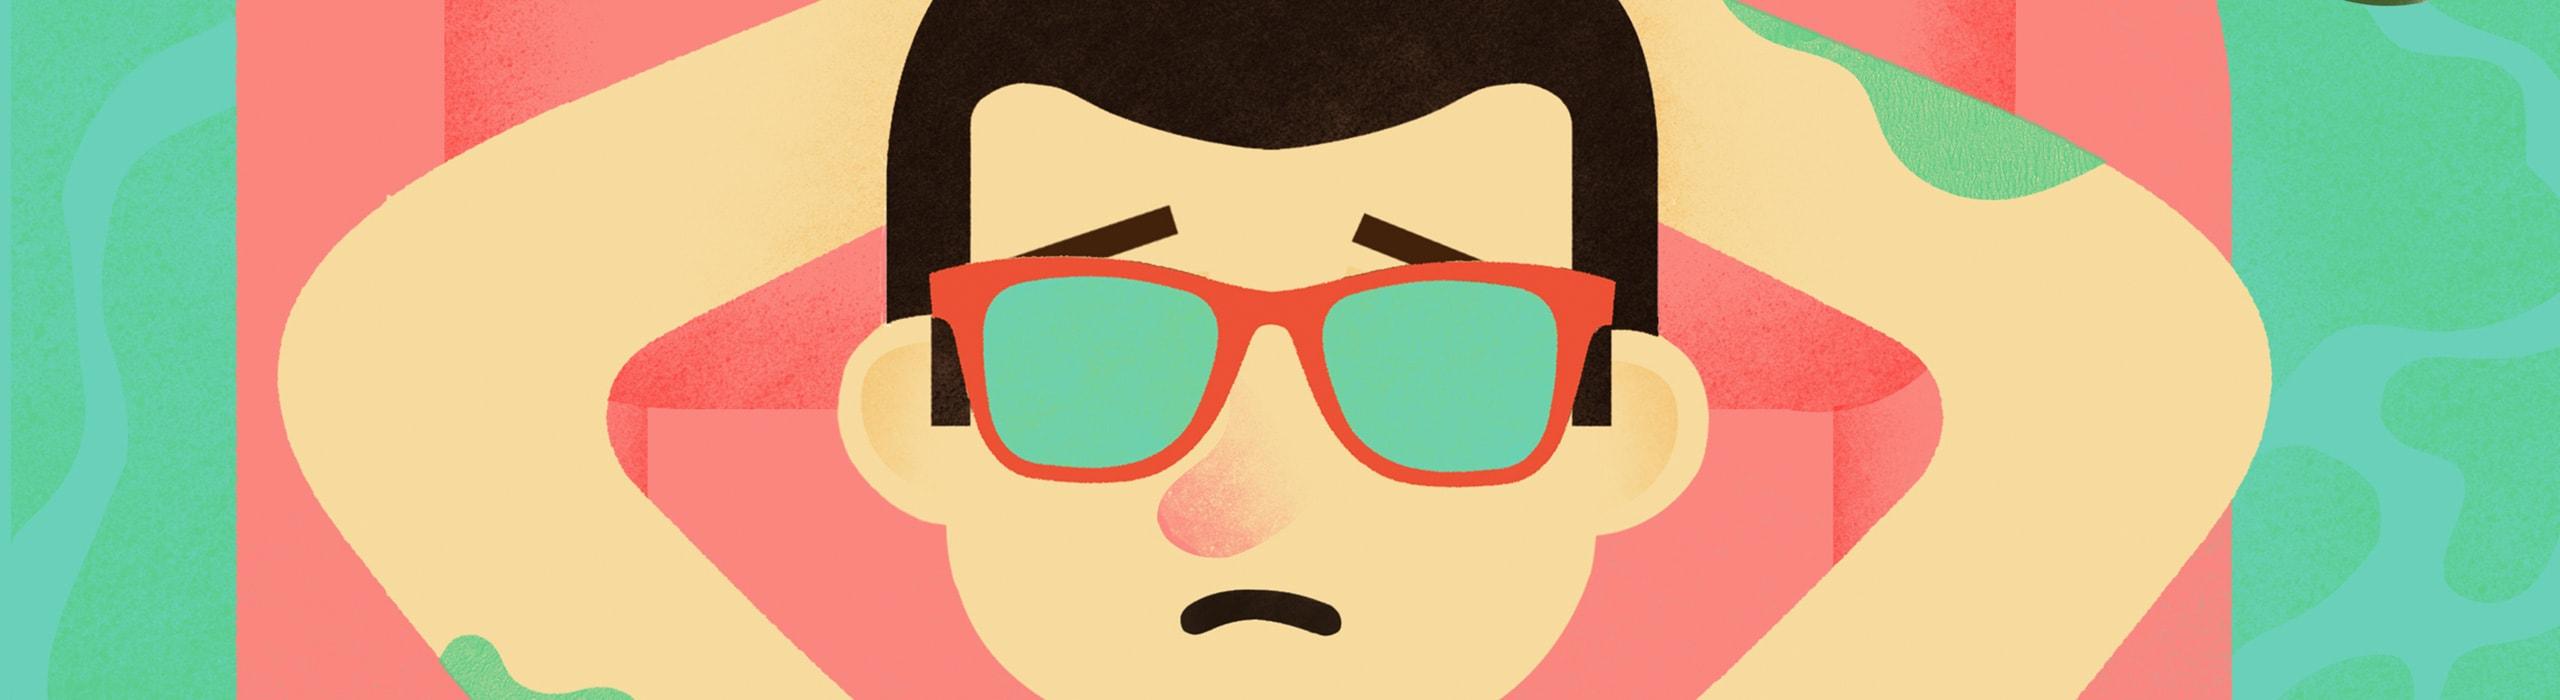 Zalul - natie-zalul-animation-01 - Natie Branding Agency